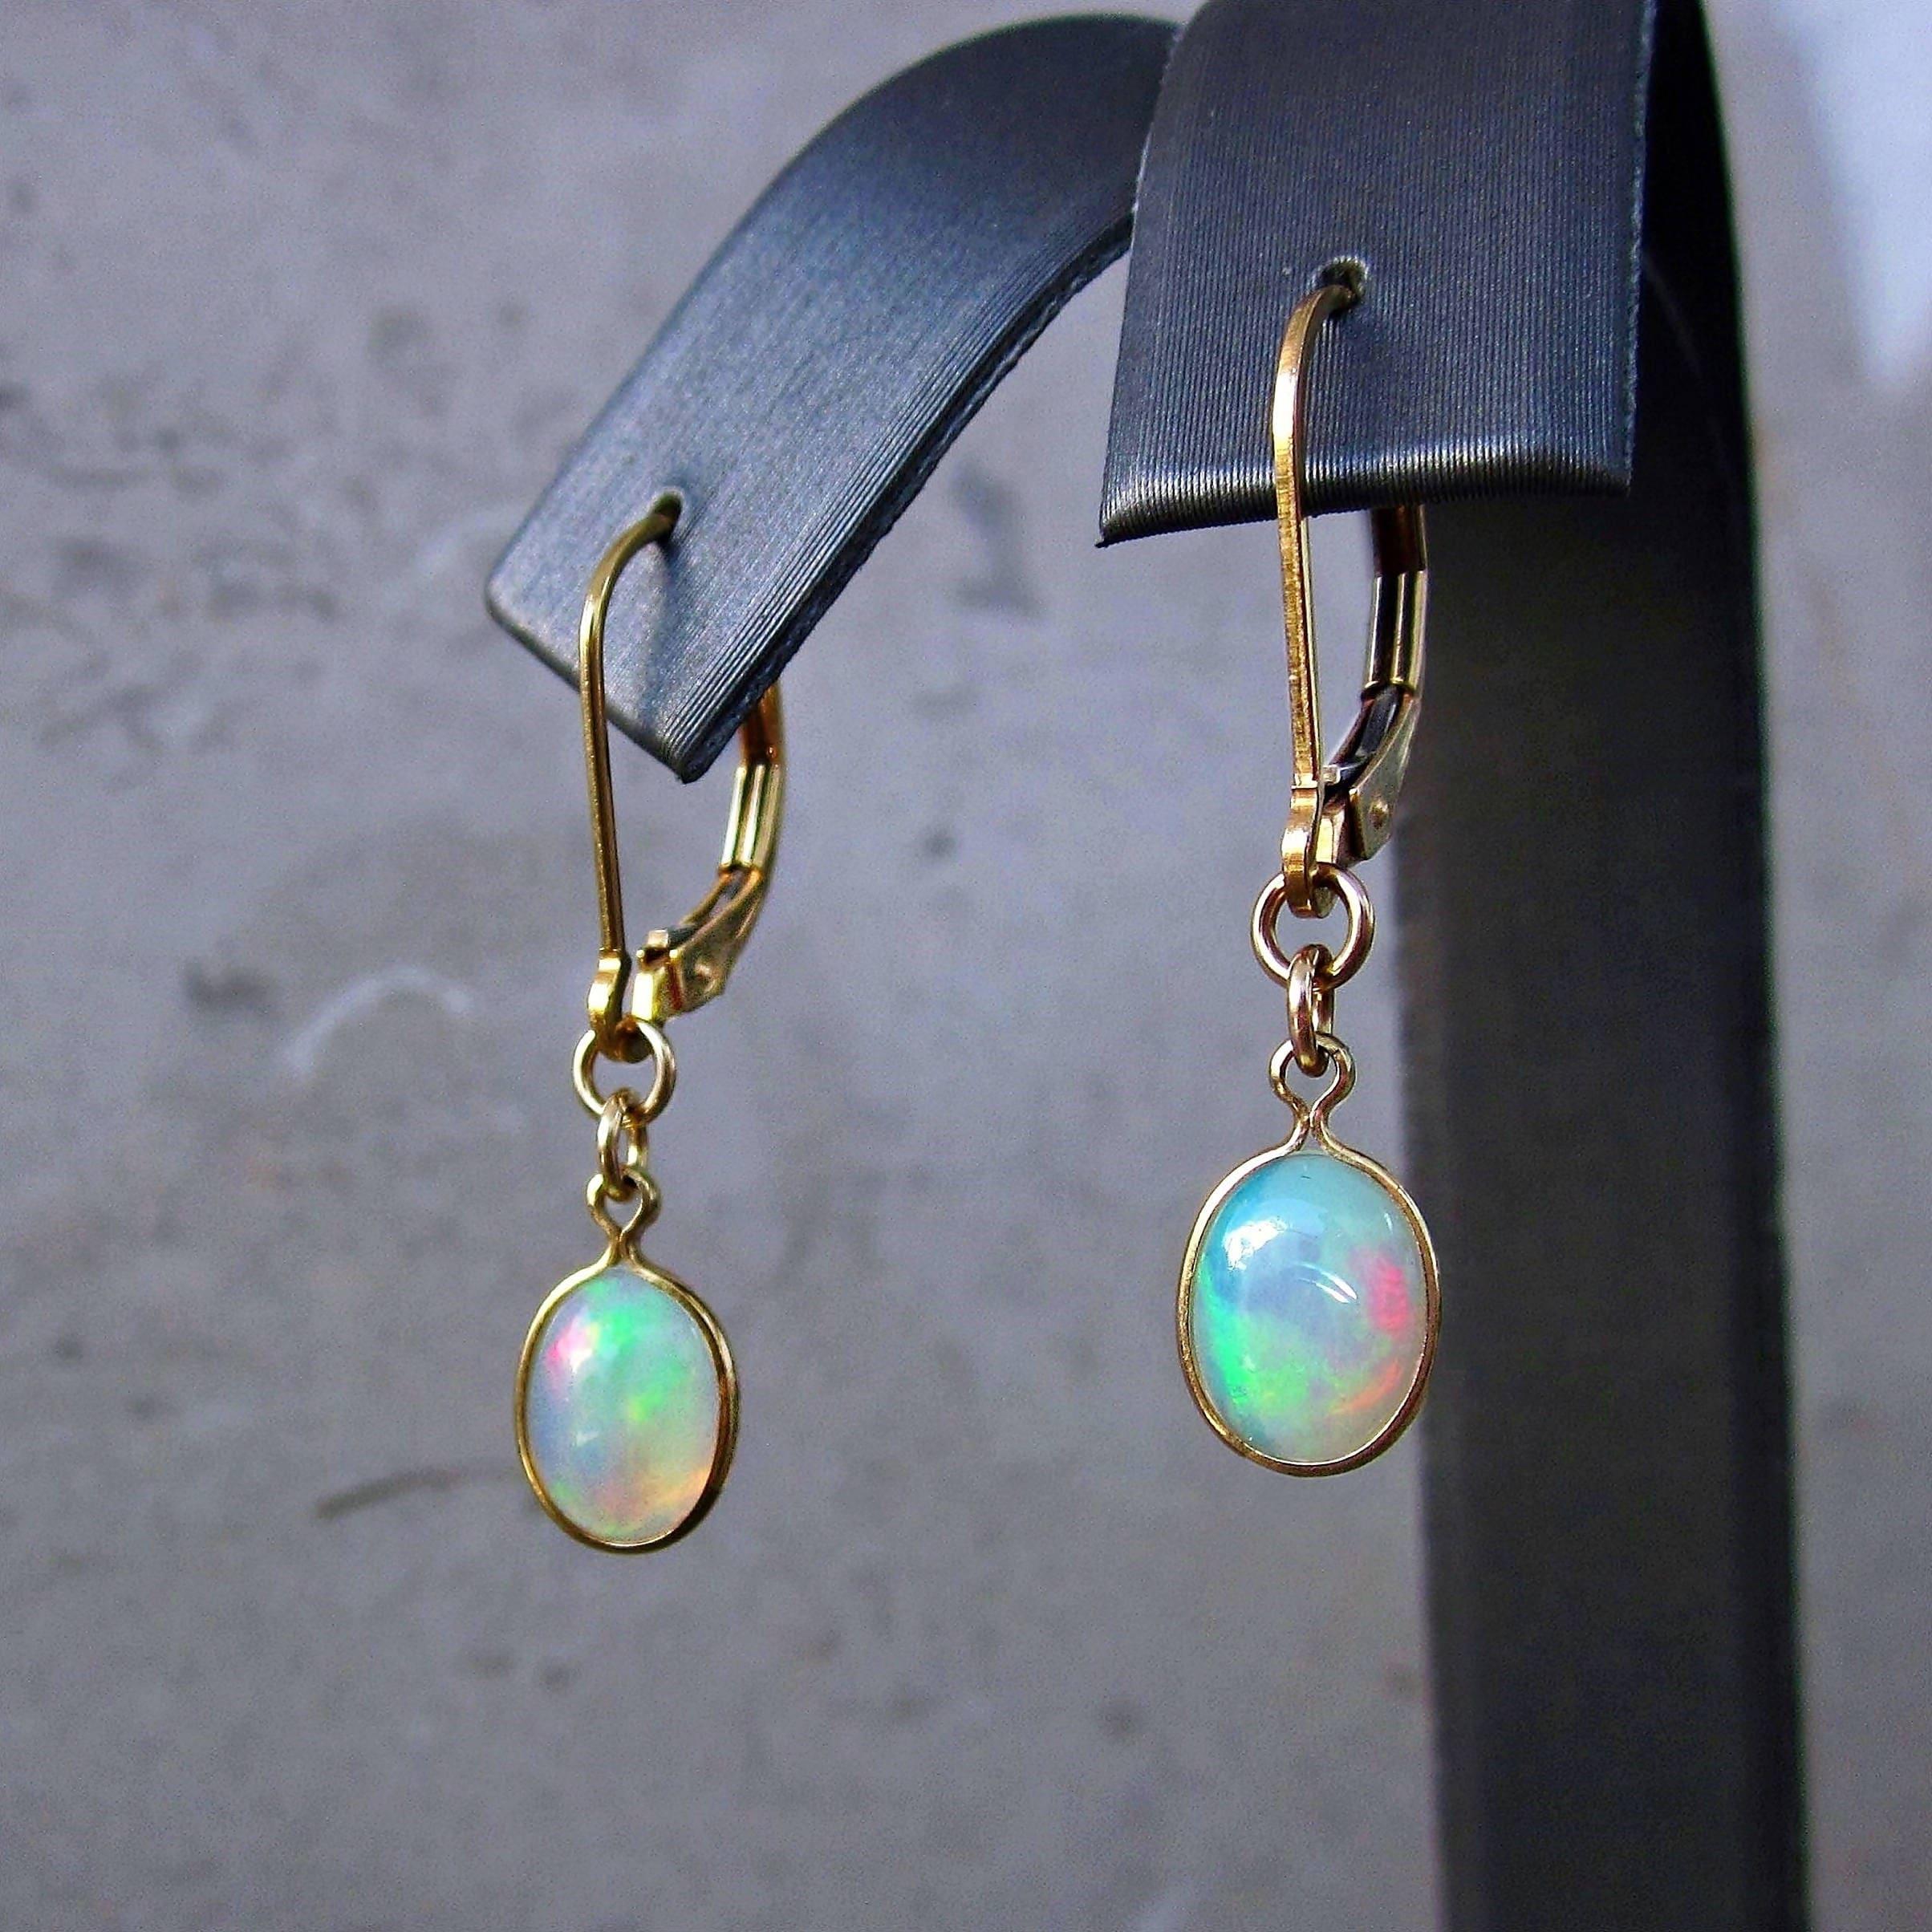 Gypsy Earrings Opal Earrings October Birthstone Boho Chic Earrings Iridescent Glass Earrings Opalite Marquise Earrings Moonstone